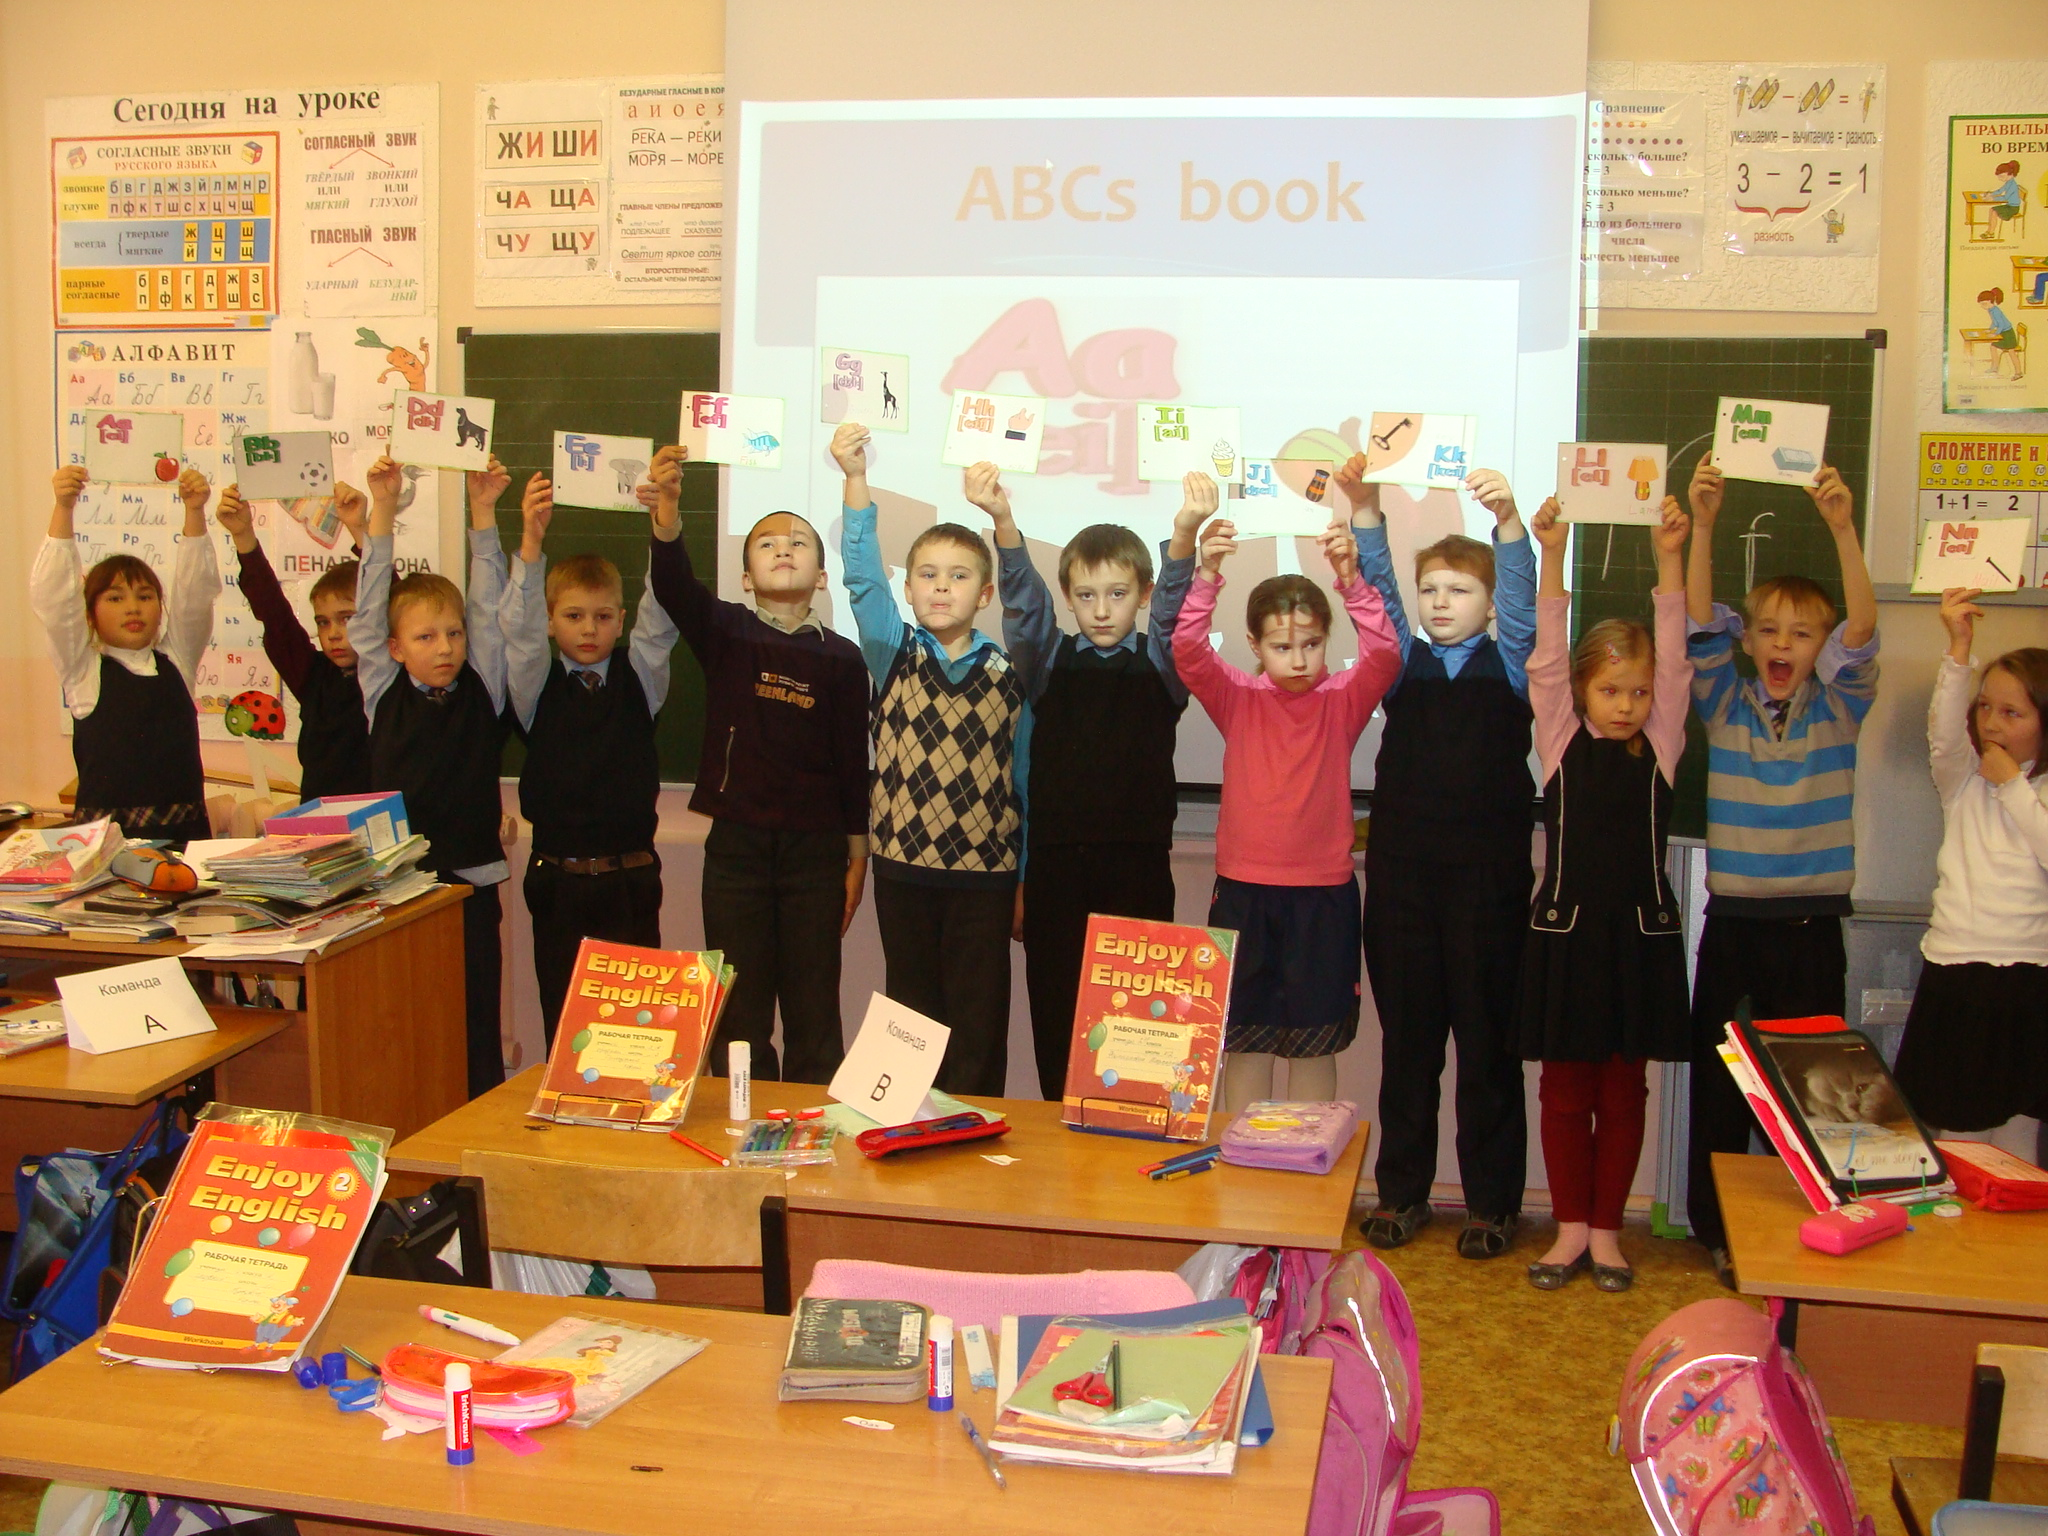 СВЕТЛОВА псевдоним кружок по английскому языку в начальной школе удобны эксплуатации